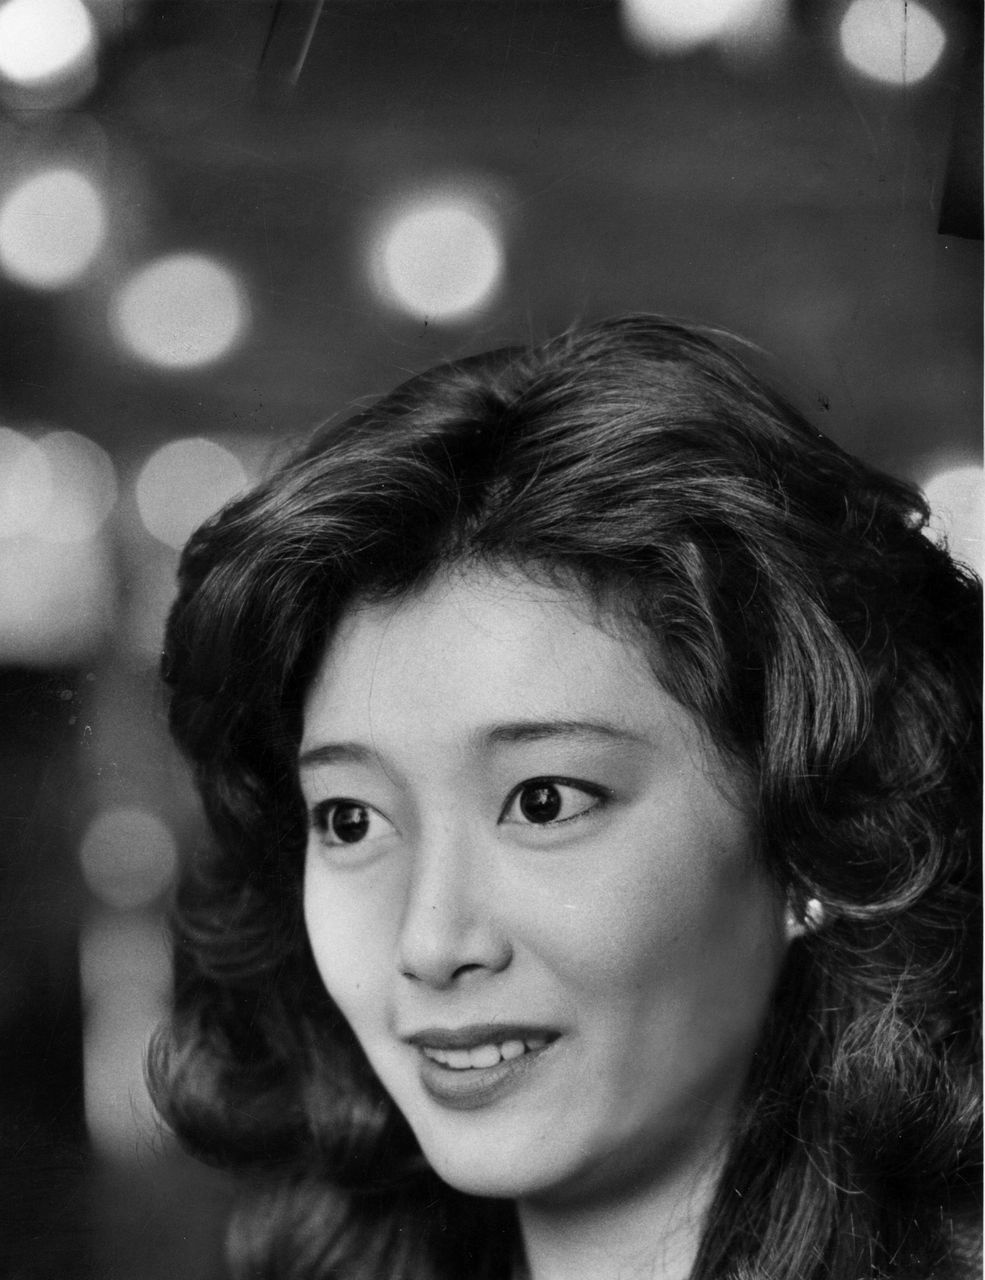 夏目雅子の画像 p1_25